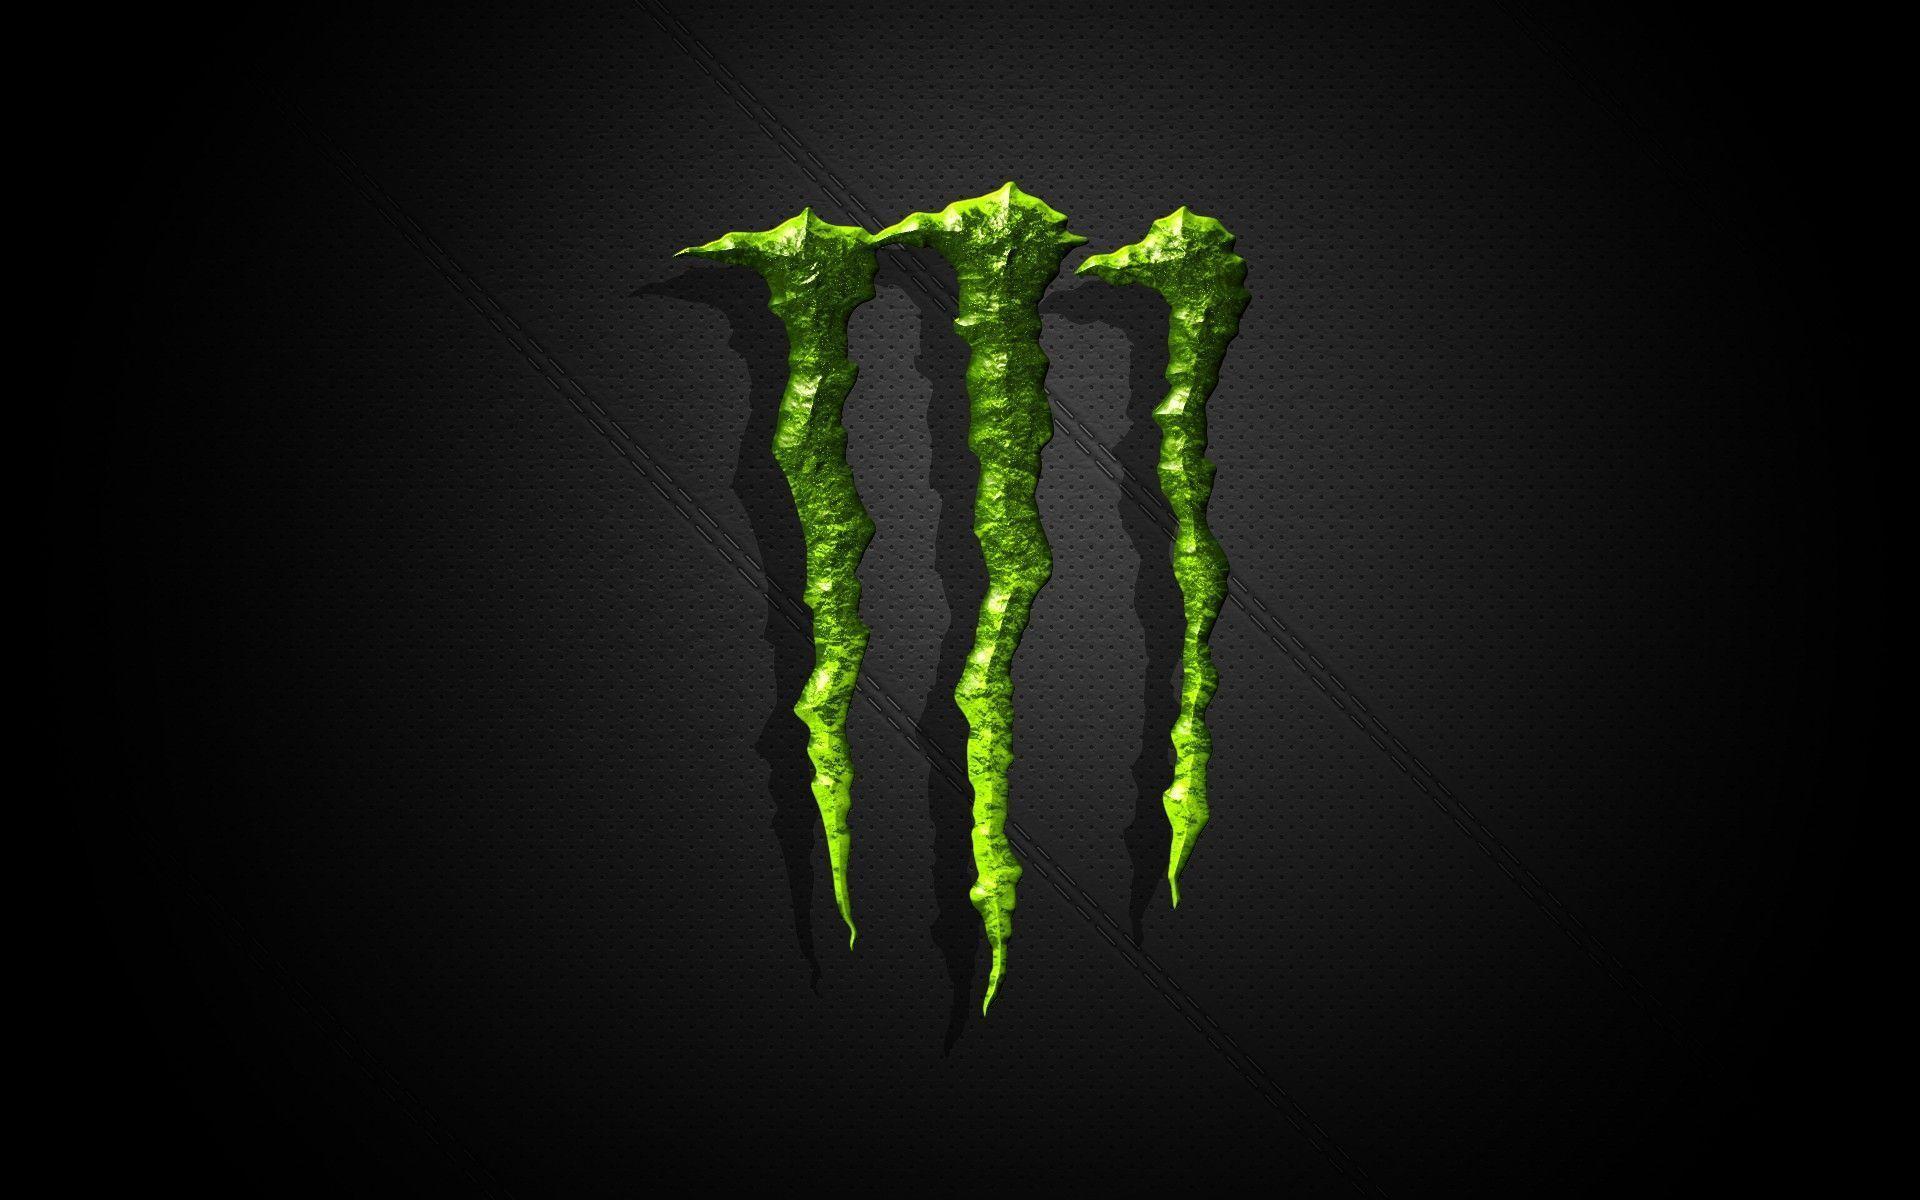 Monster Energy wallpaper - 1223889